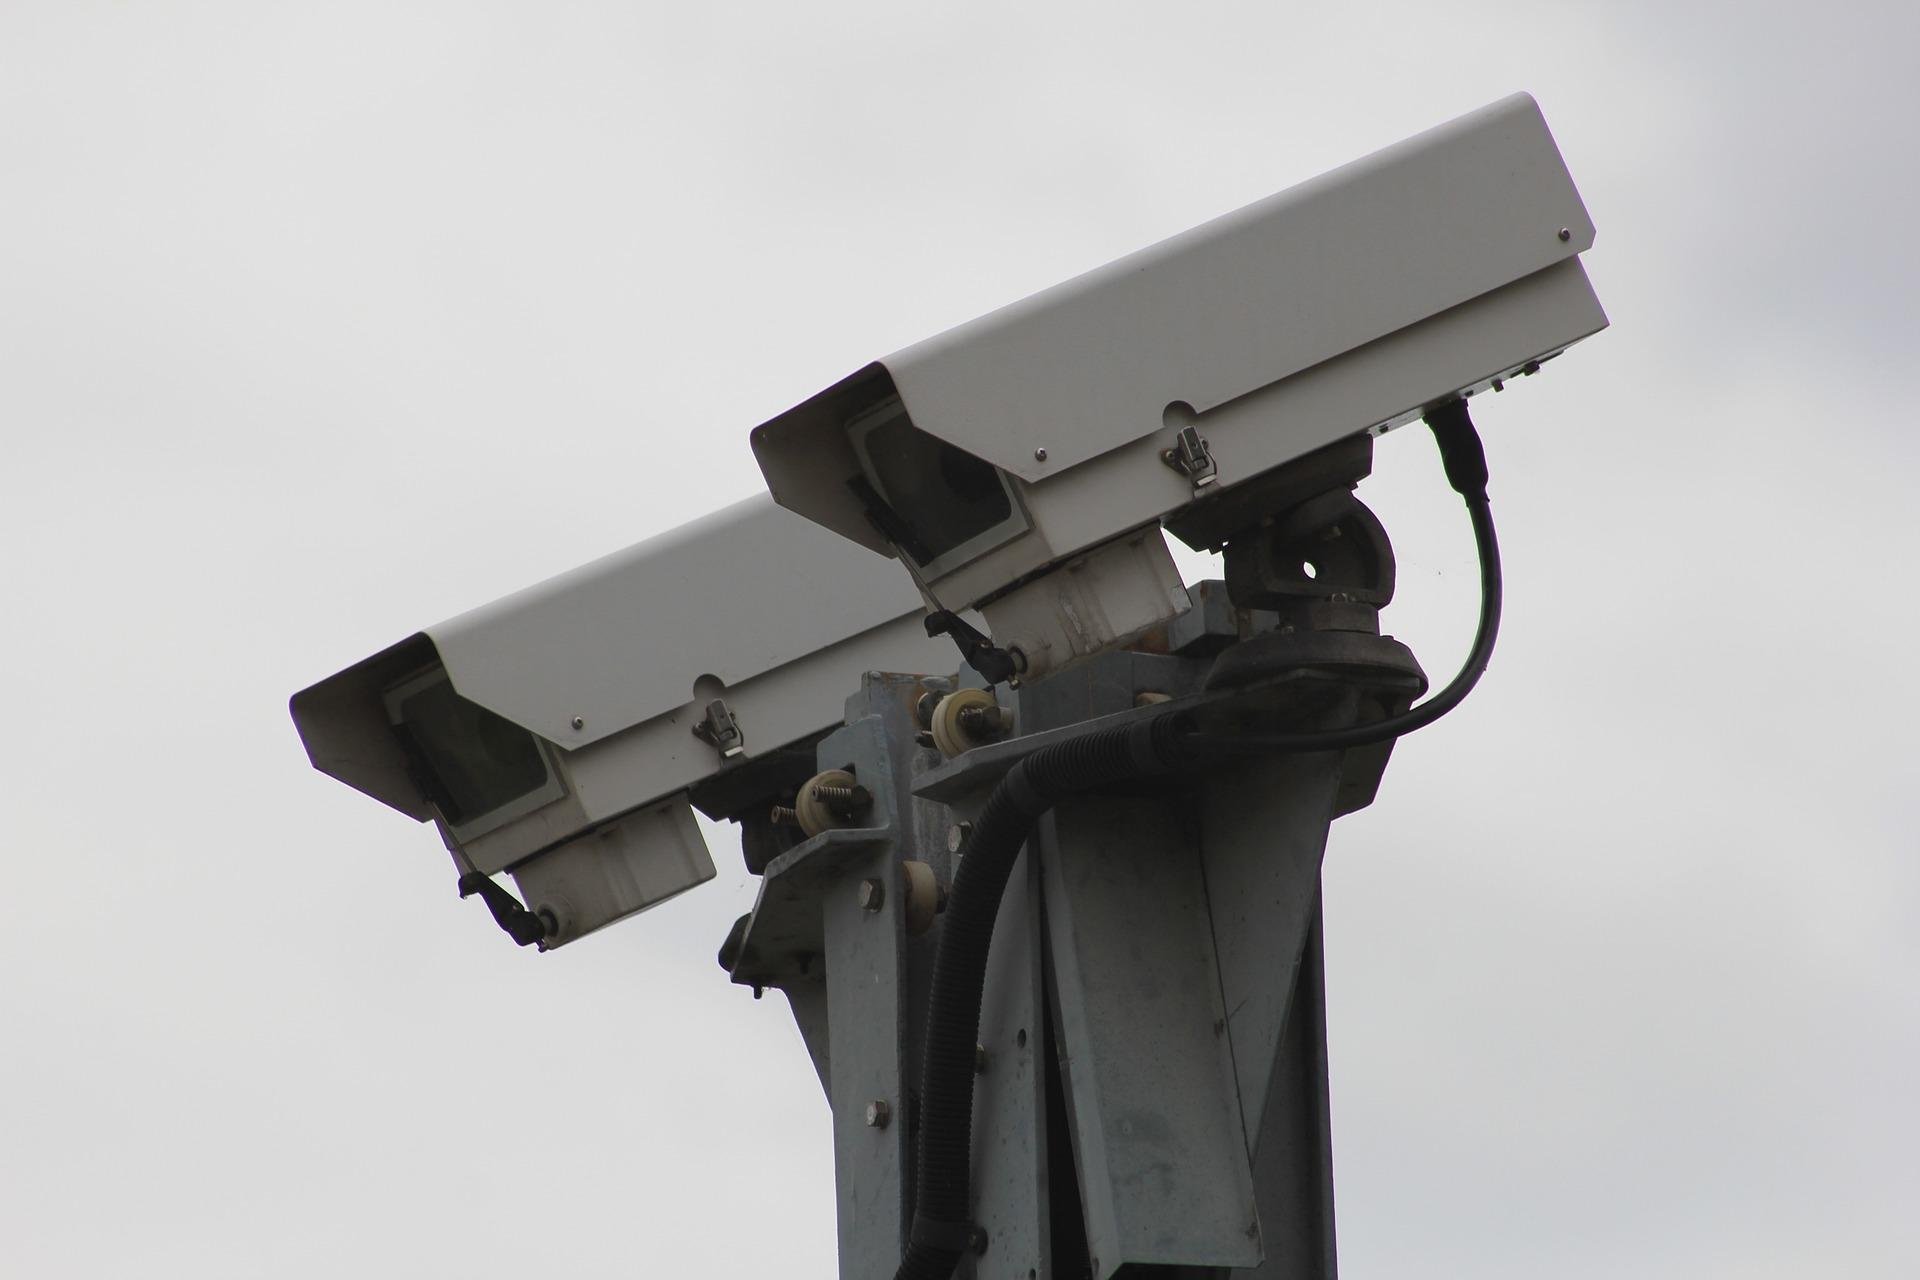 two grey metal CCTV cameras